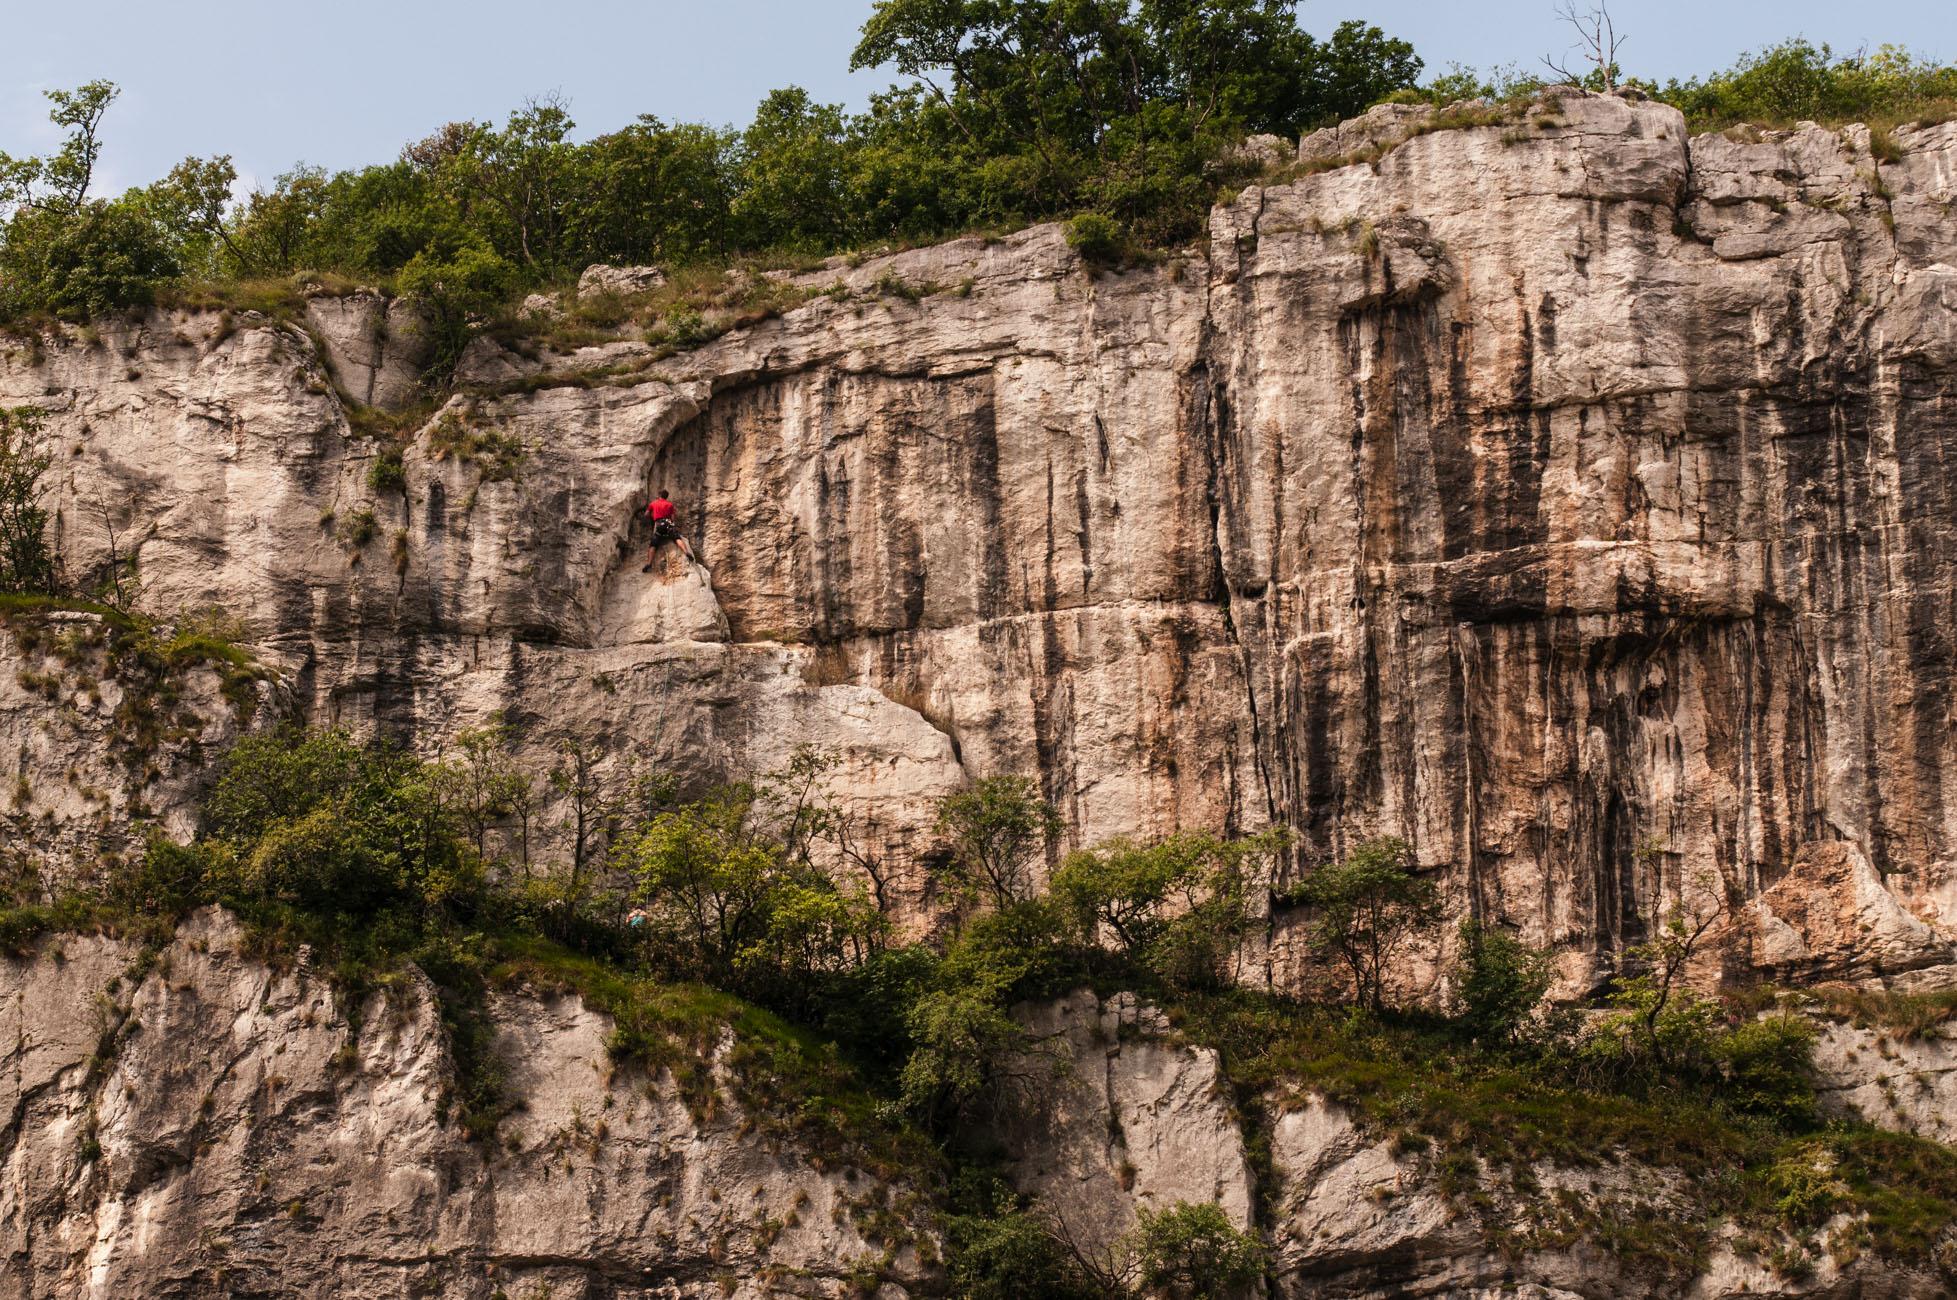 Sipario delle Ombre im Überblick. Diese Route hat alles wonach man sucht.